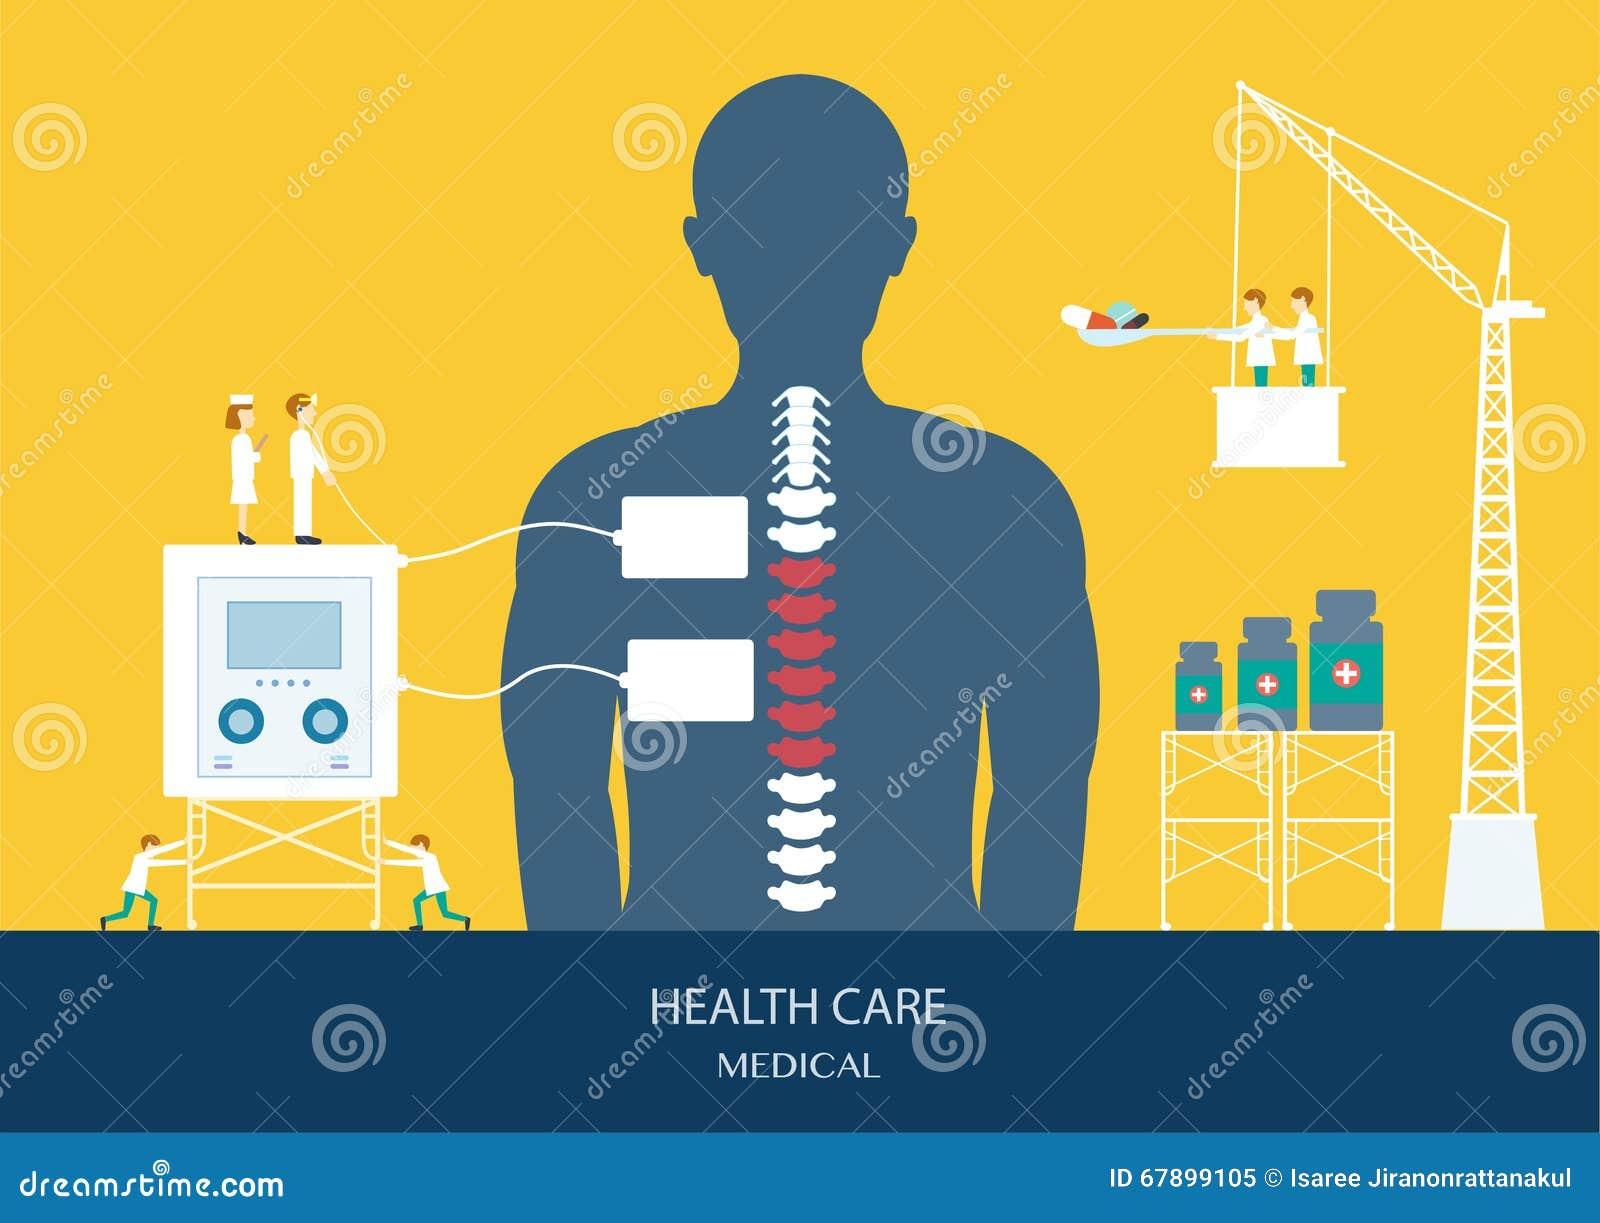 医疗保健概念,脊椎,腰疼设计